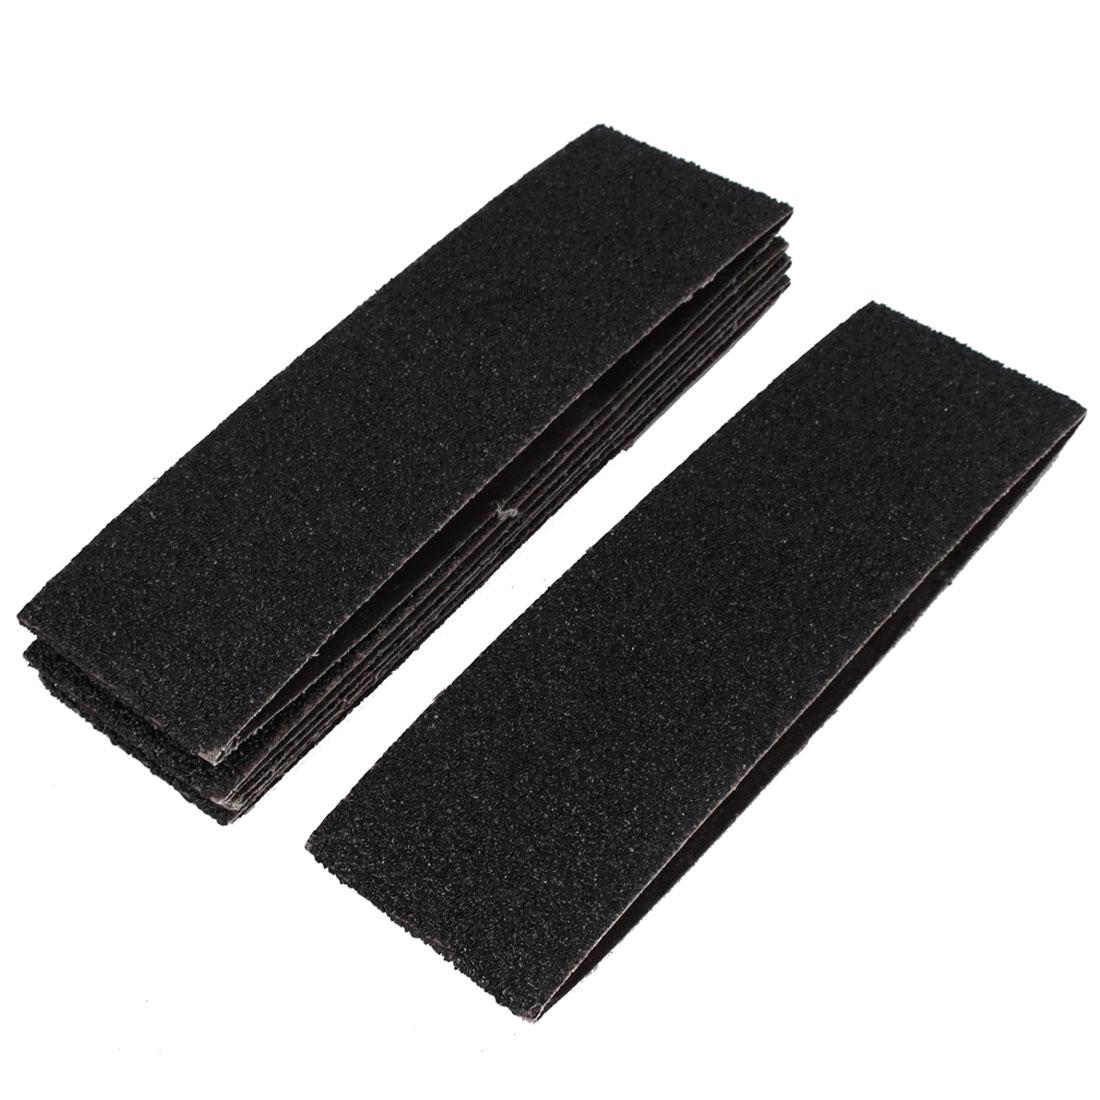 610mmx100mm 24 Grit Sanding Belts Sander Grinder Woodworking Tool 5pcs